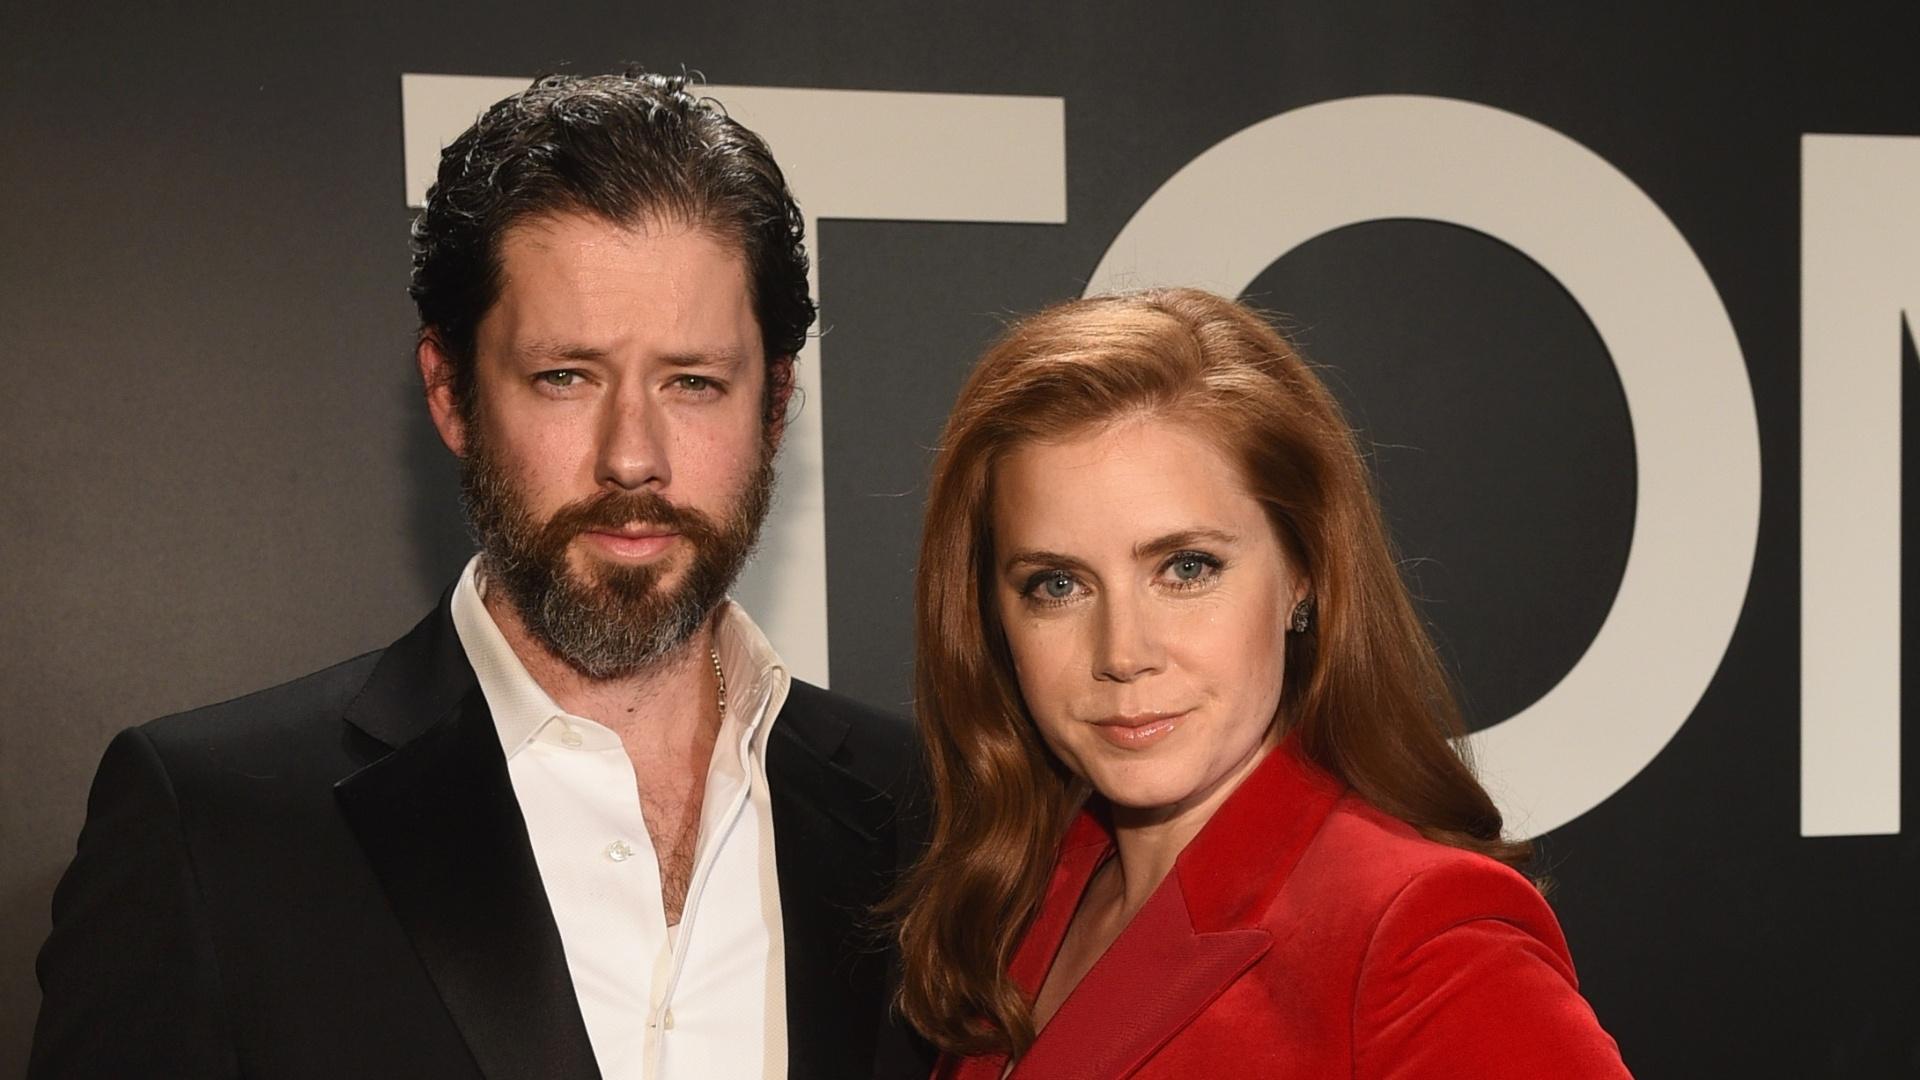 Amy Adams Filmes E Programas De Tv após 7 anos de noivado, amy adams se casa com ator em